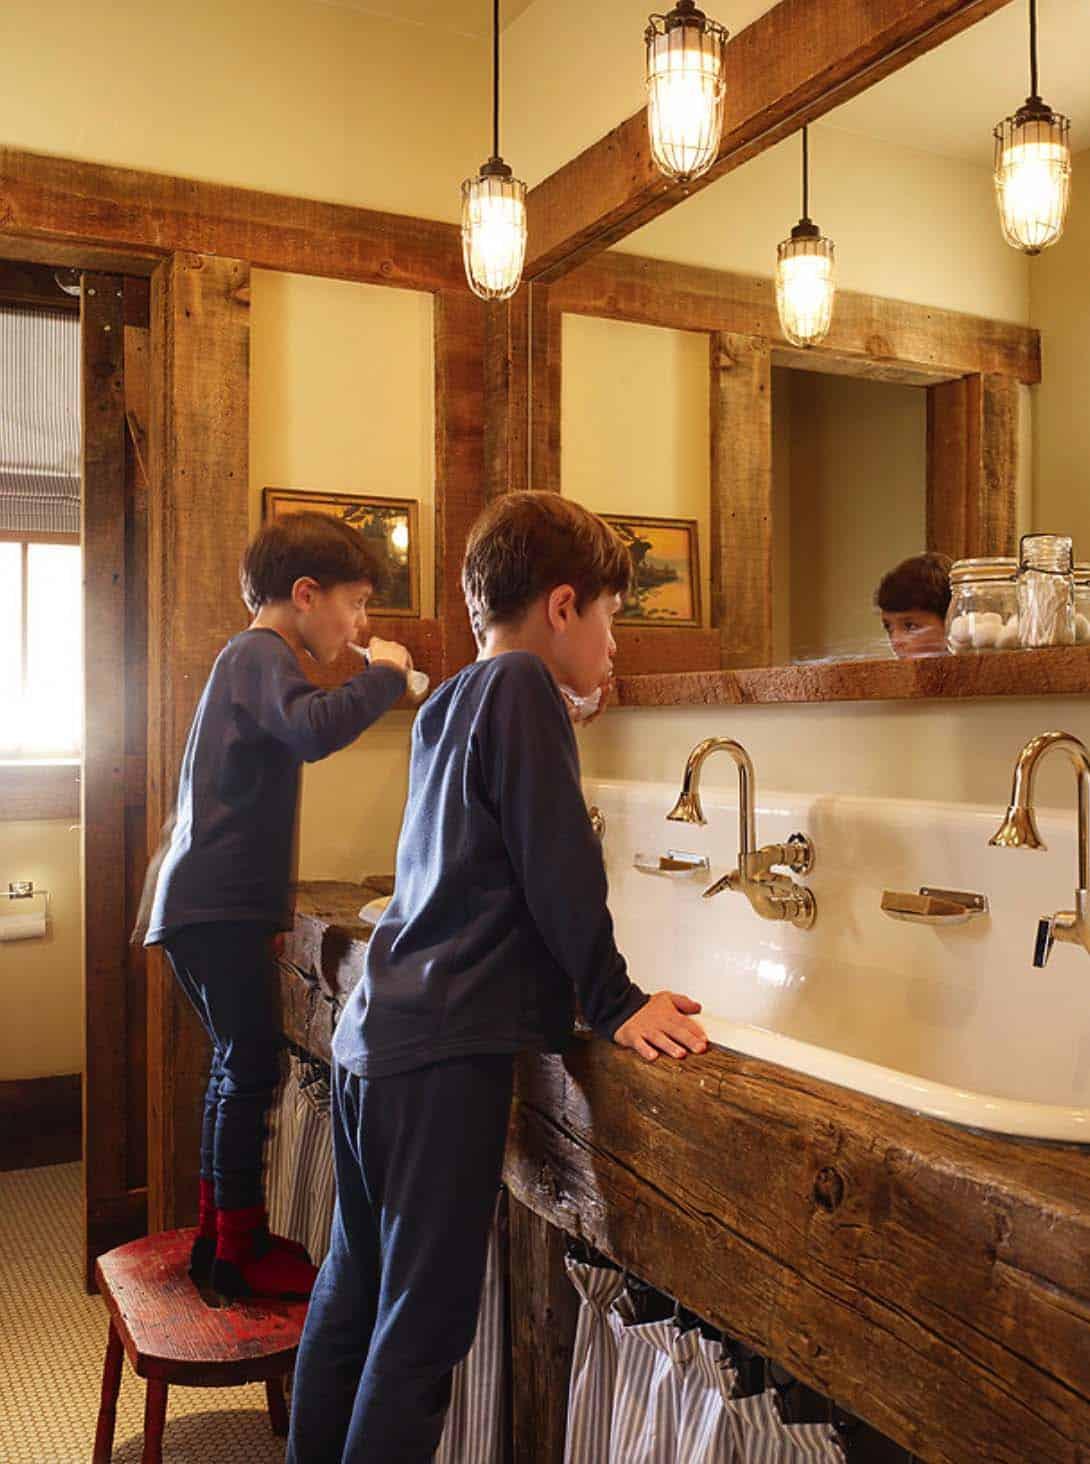 rustic-kids-bathroom